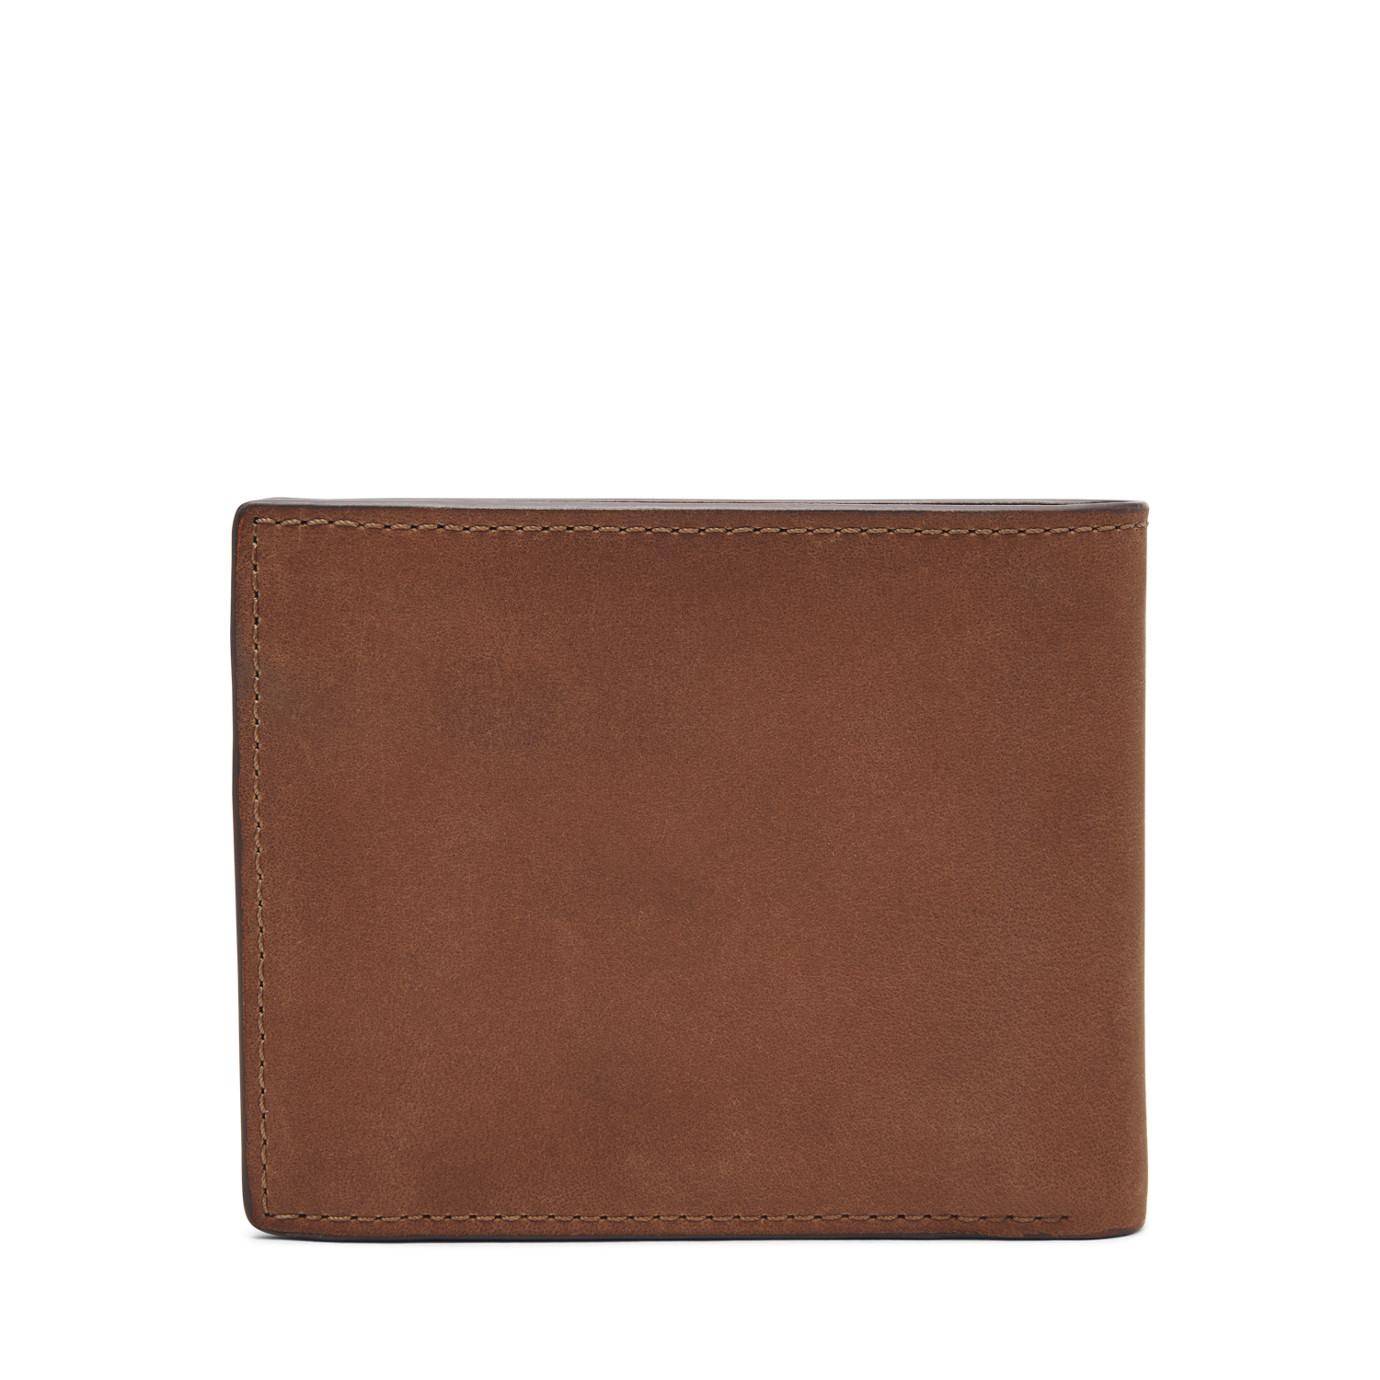 Hans Large Coin Pocket Bifold